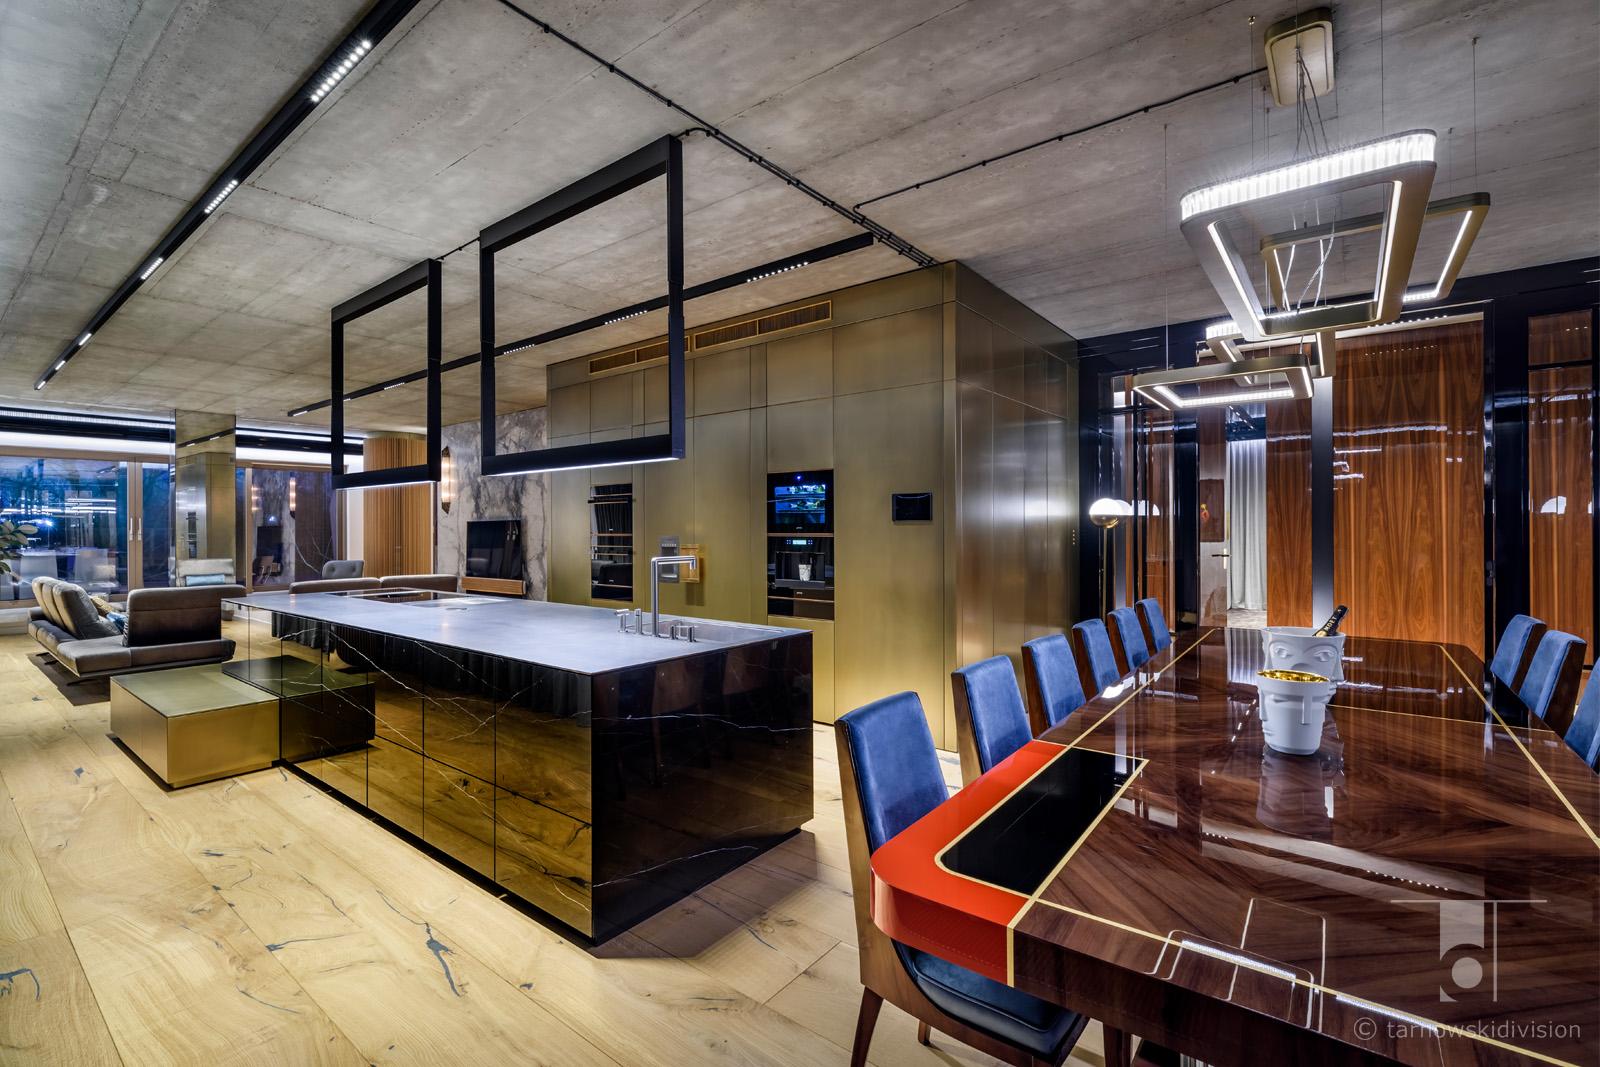 ekskluzywne wnętrza eleganckie wnętrze luksusowy apartament elegant kitchen luxury apartament dining room_tarnowski division